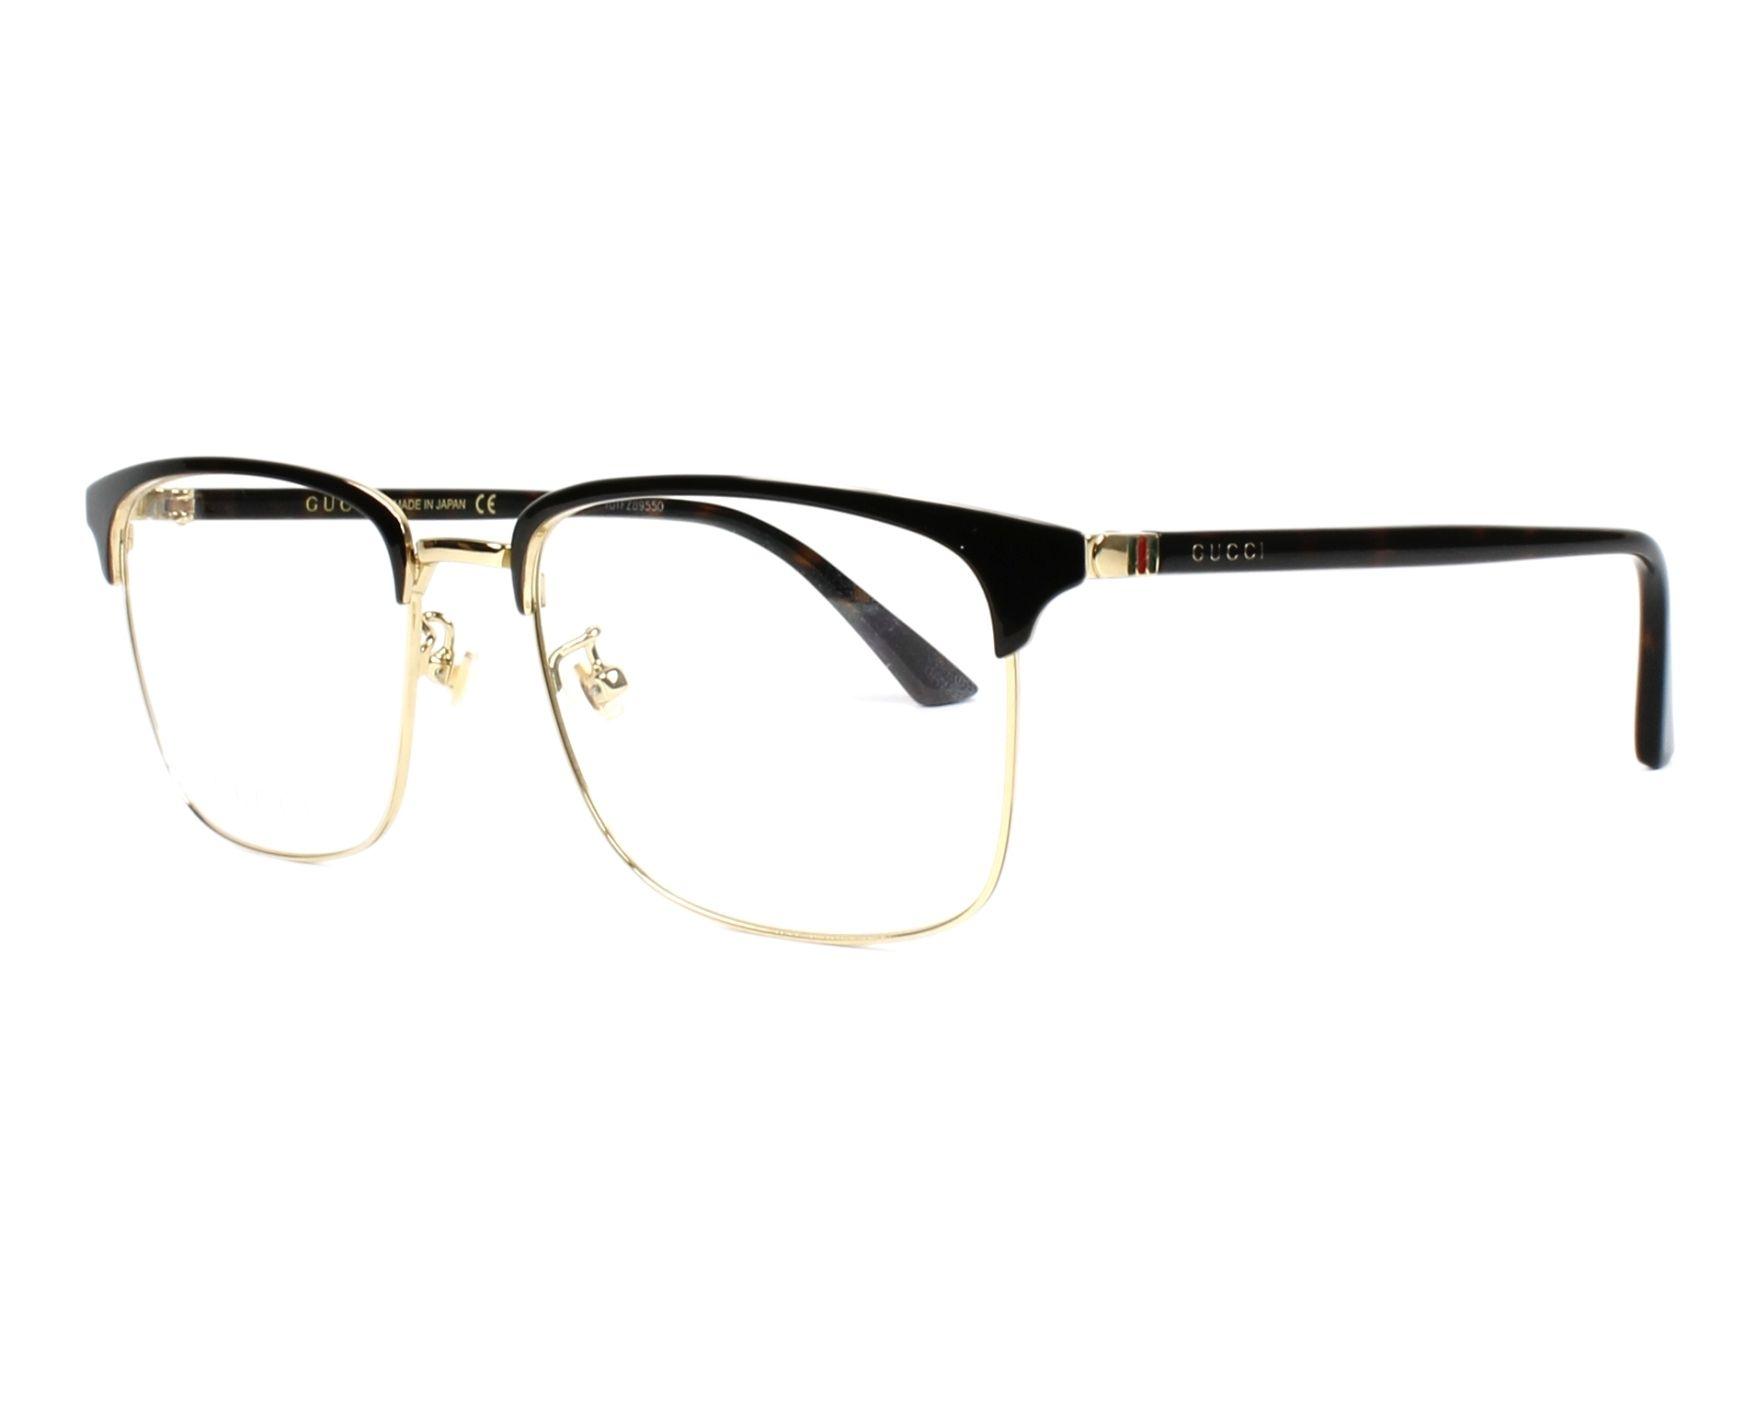 30c52e9f716bf eyeglasses Gucci GG-0130-O 005 - Black Gold profile view